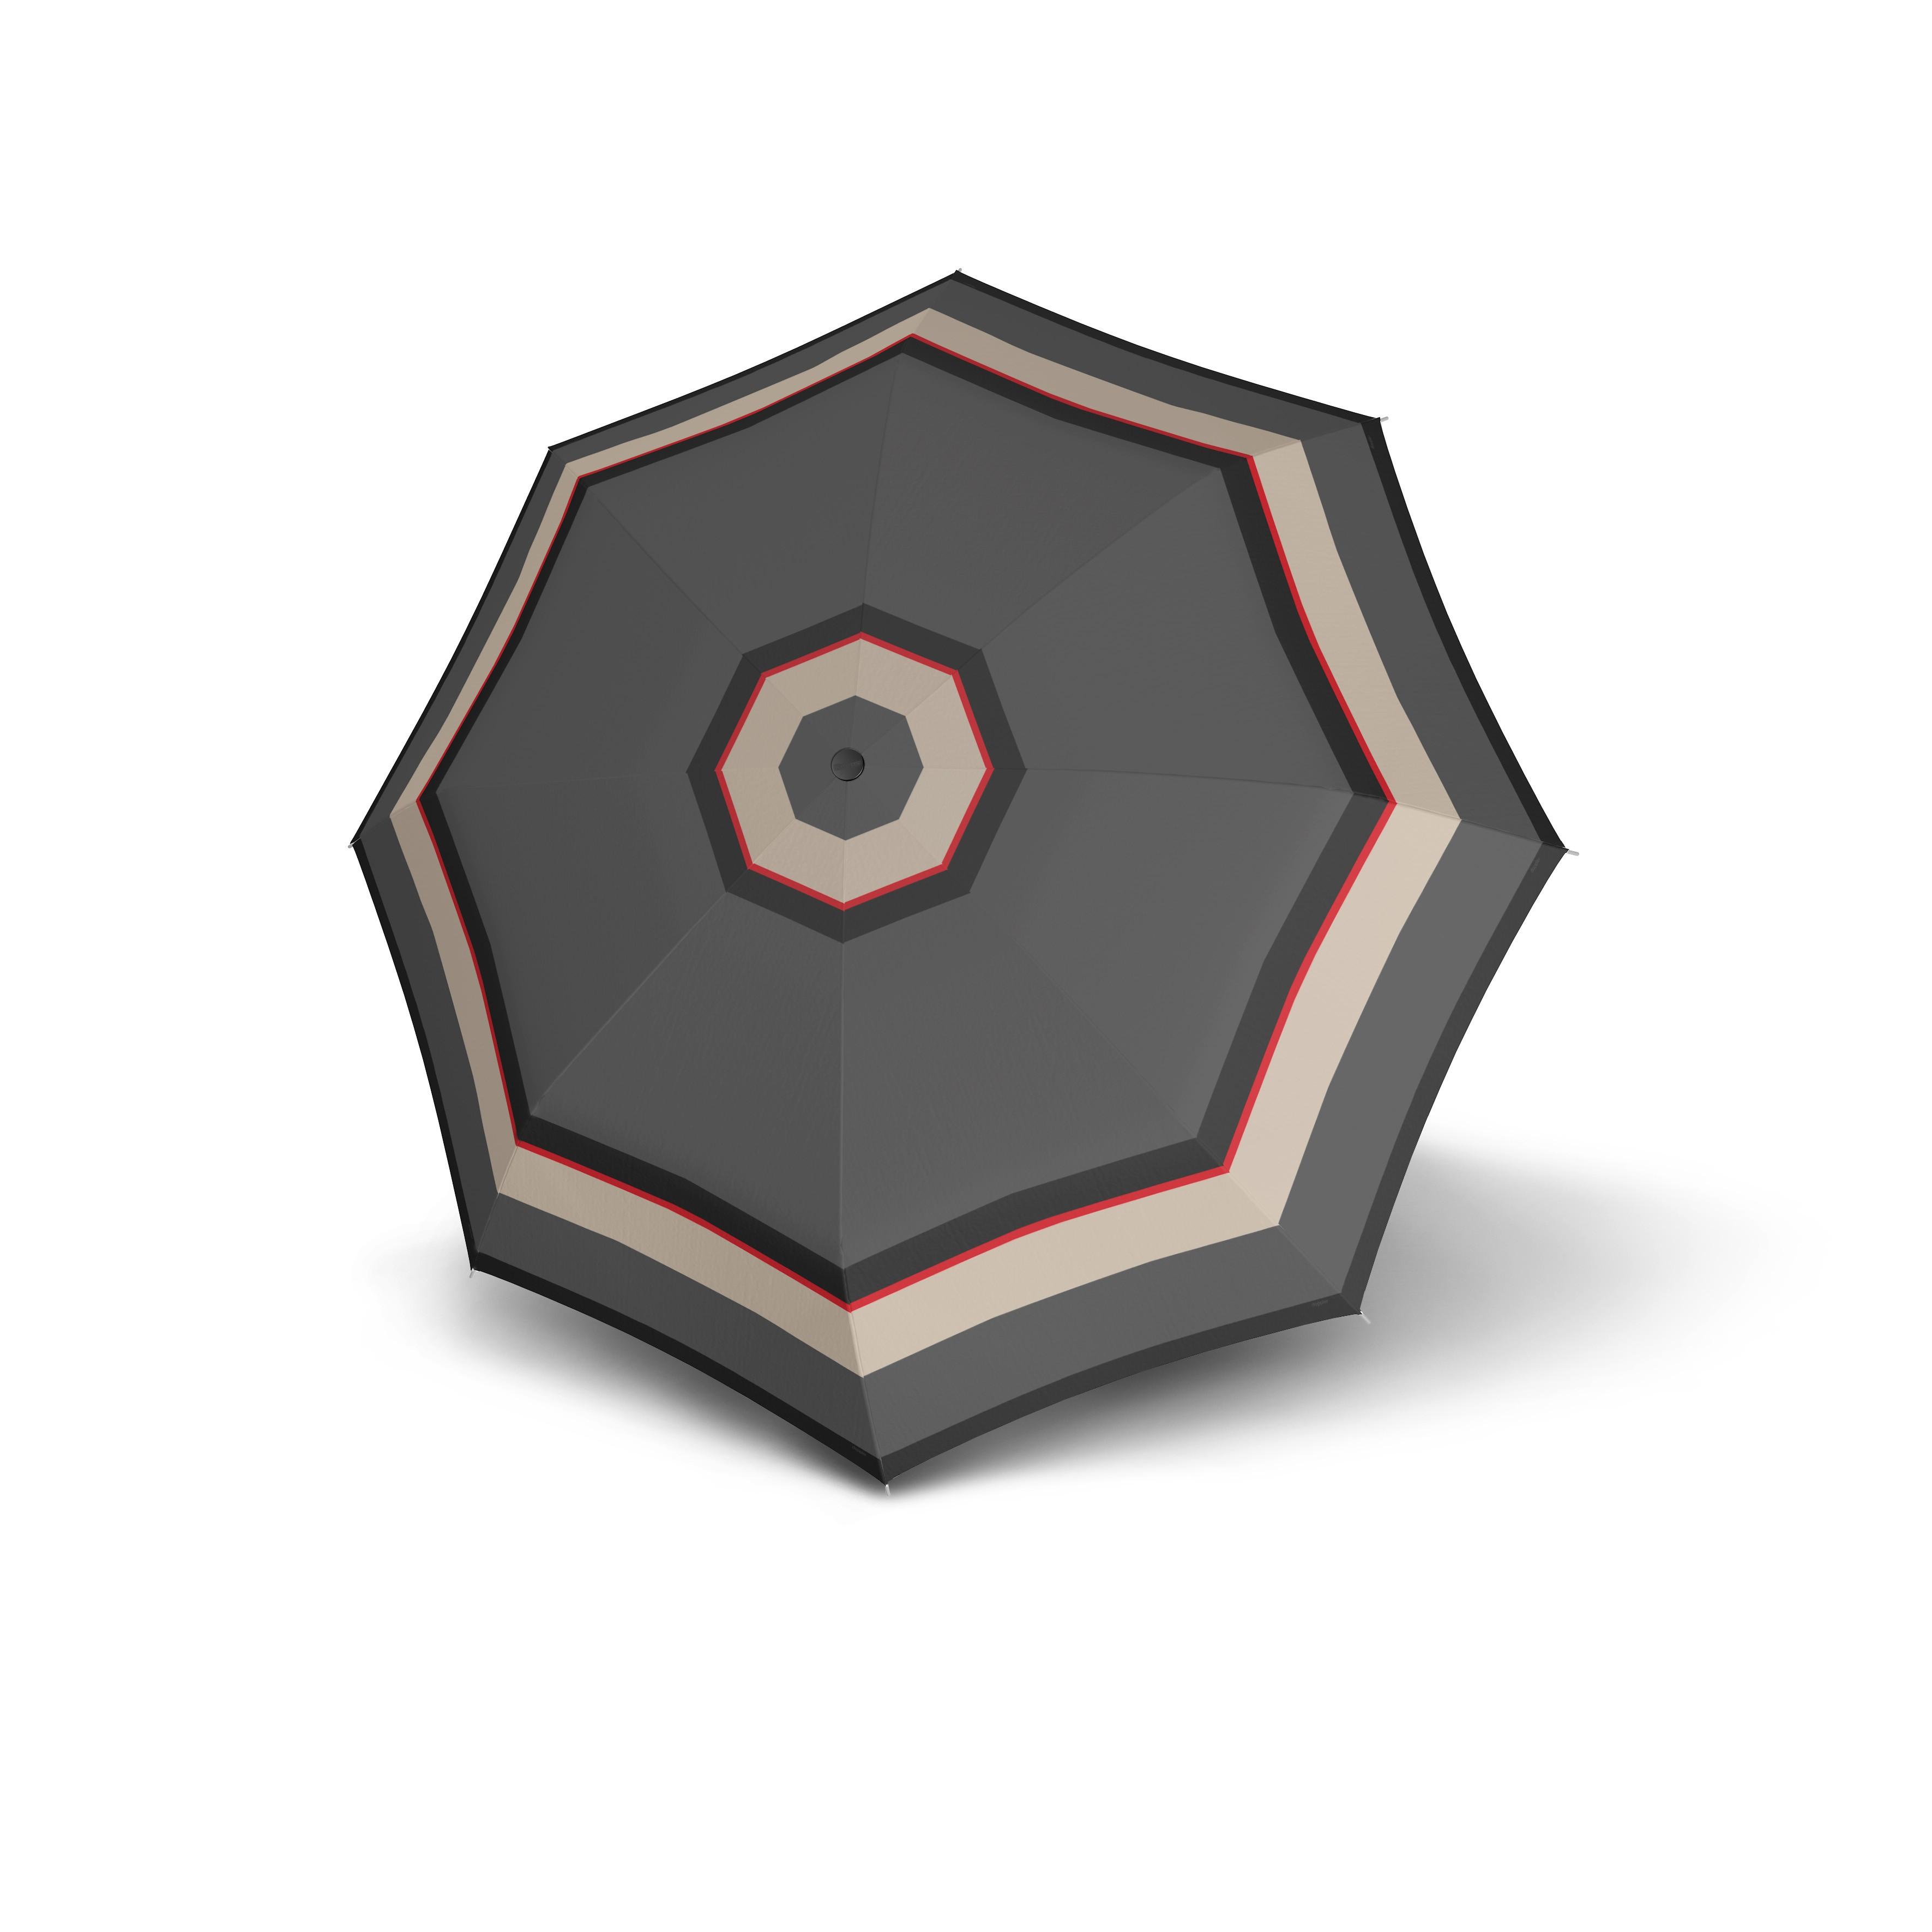 Šedý dámský mechanický skládací nezničitelný deštník Rozelie